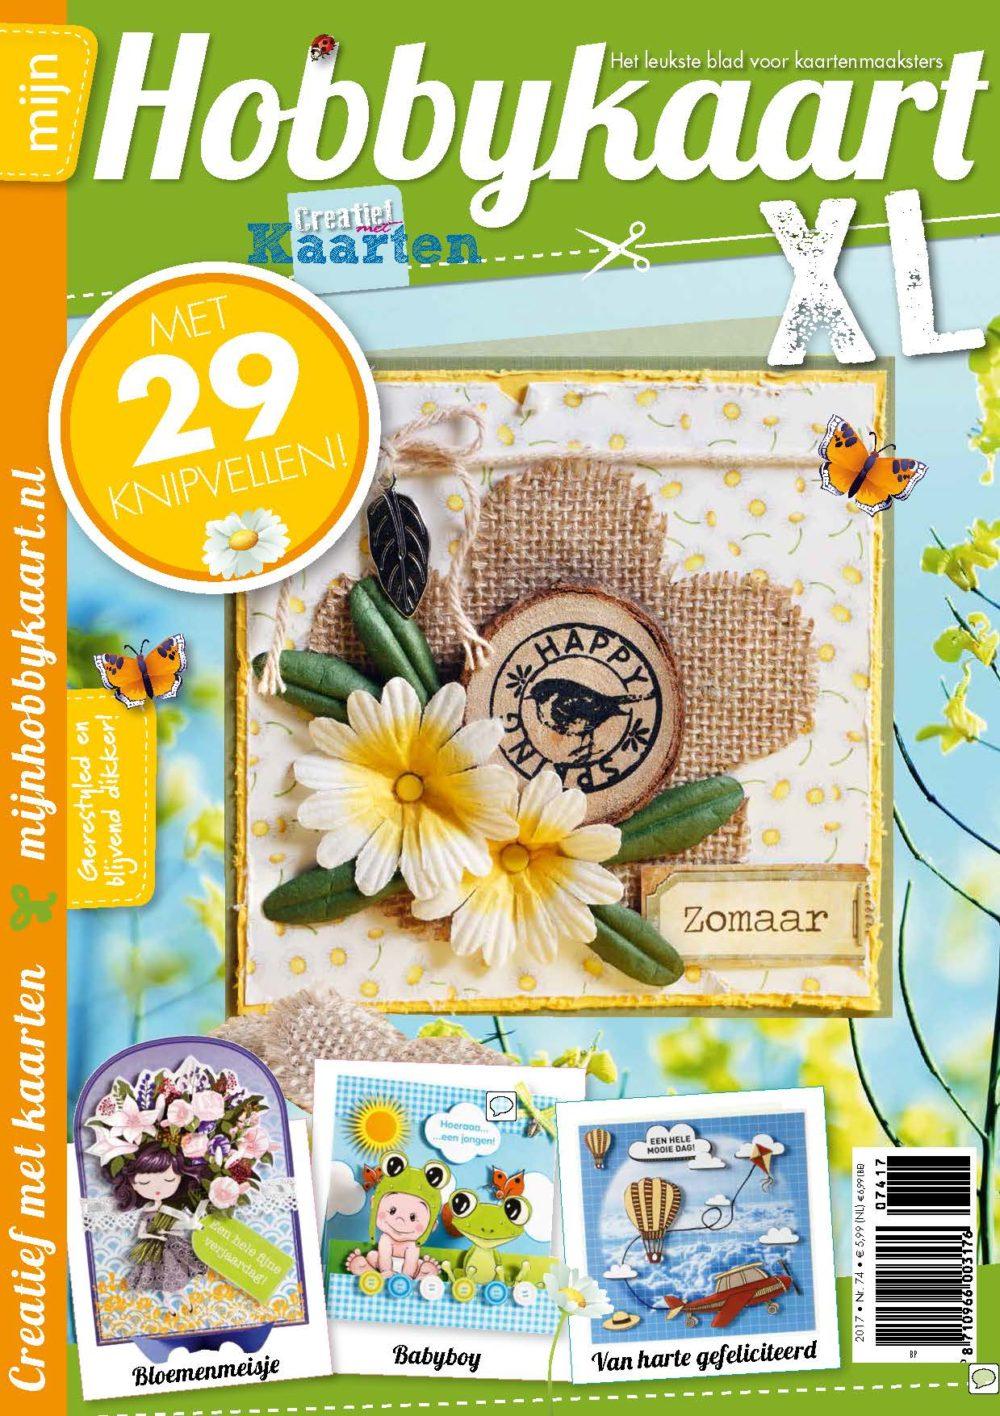 Mijn hobbykaart xl 74 ook voor tablet ipad hobbyhandig - Deur tijdschrift nieuws ...